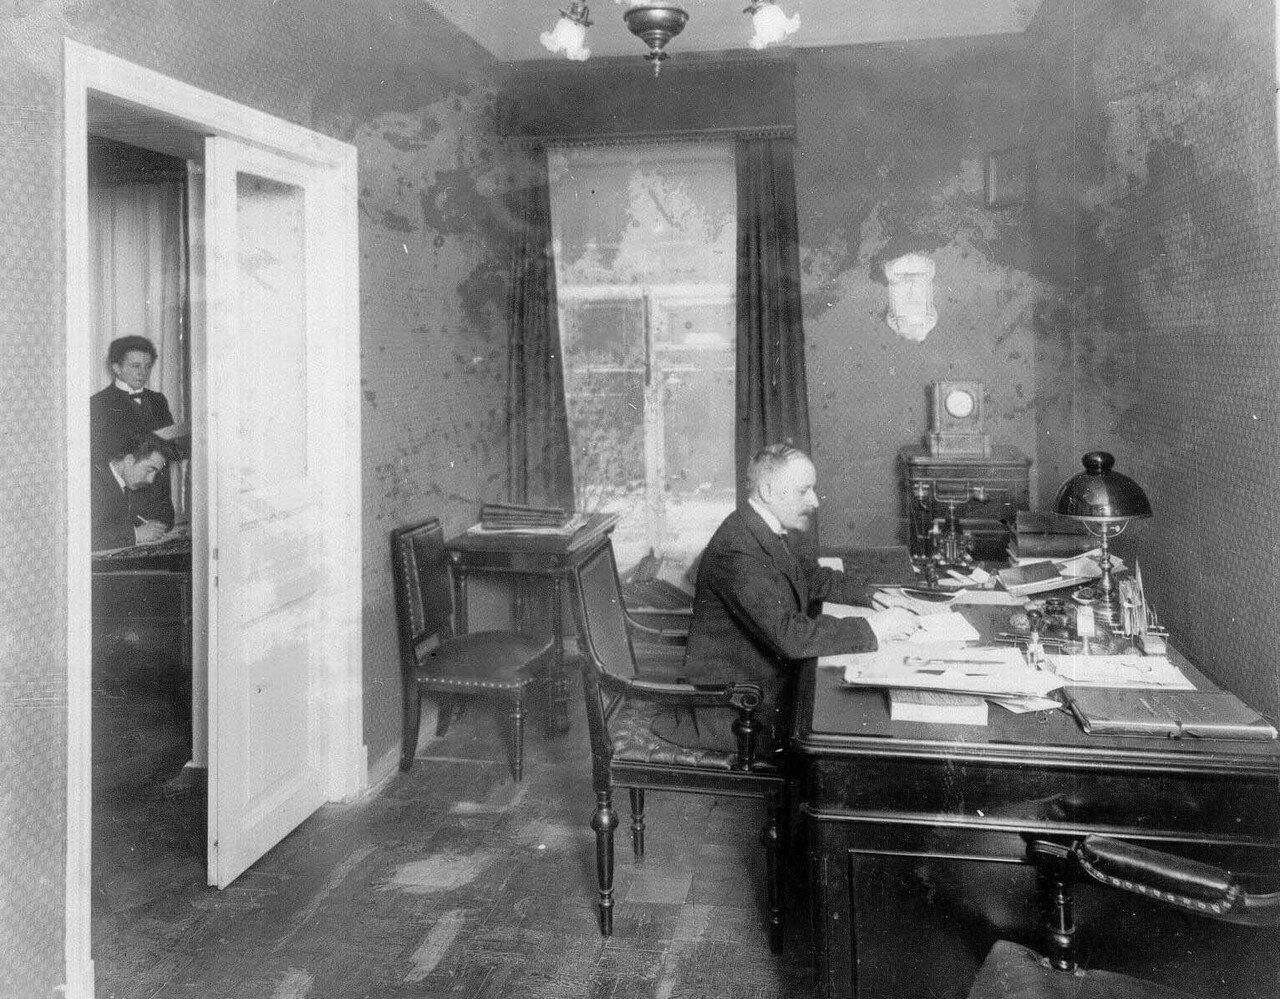 05. Заведующий отделом страхового товарищества Саламандра (Гороховая ул.,6) в кабинете за письменным столом